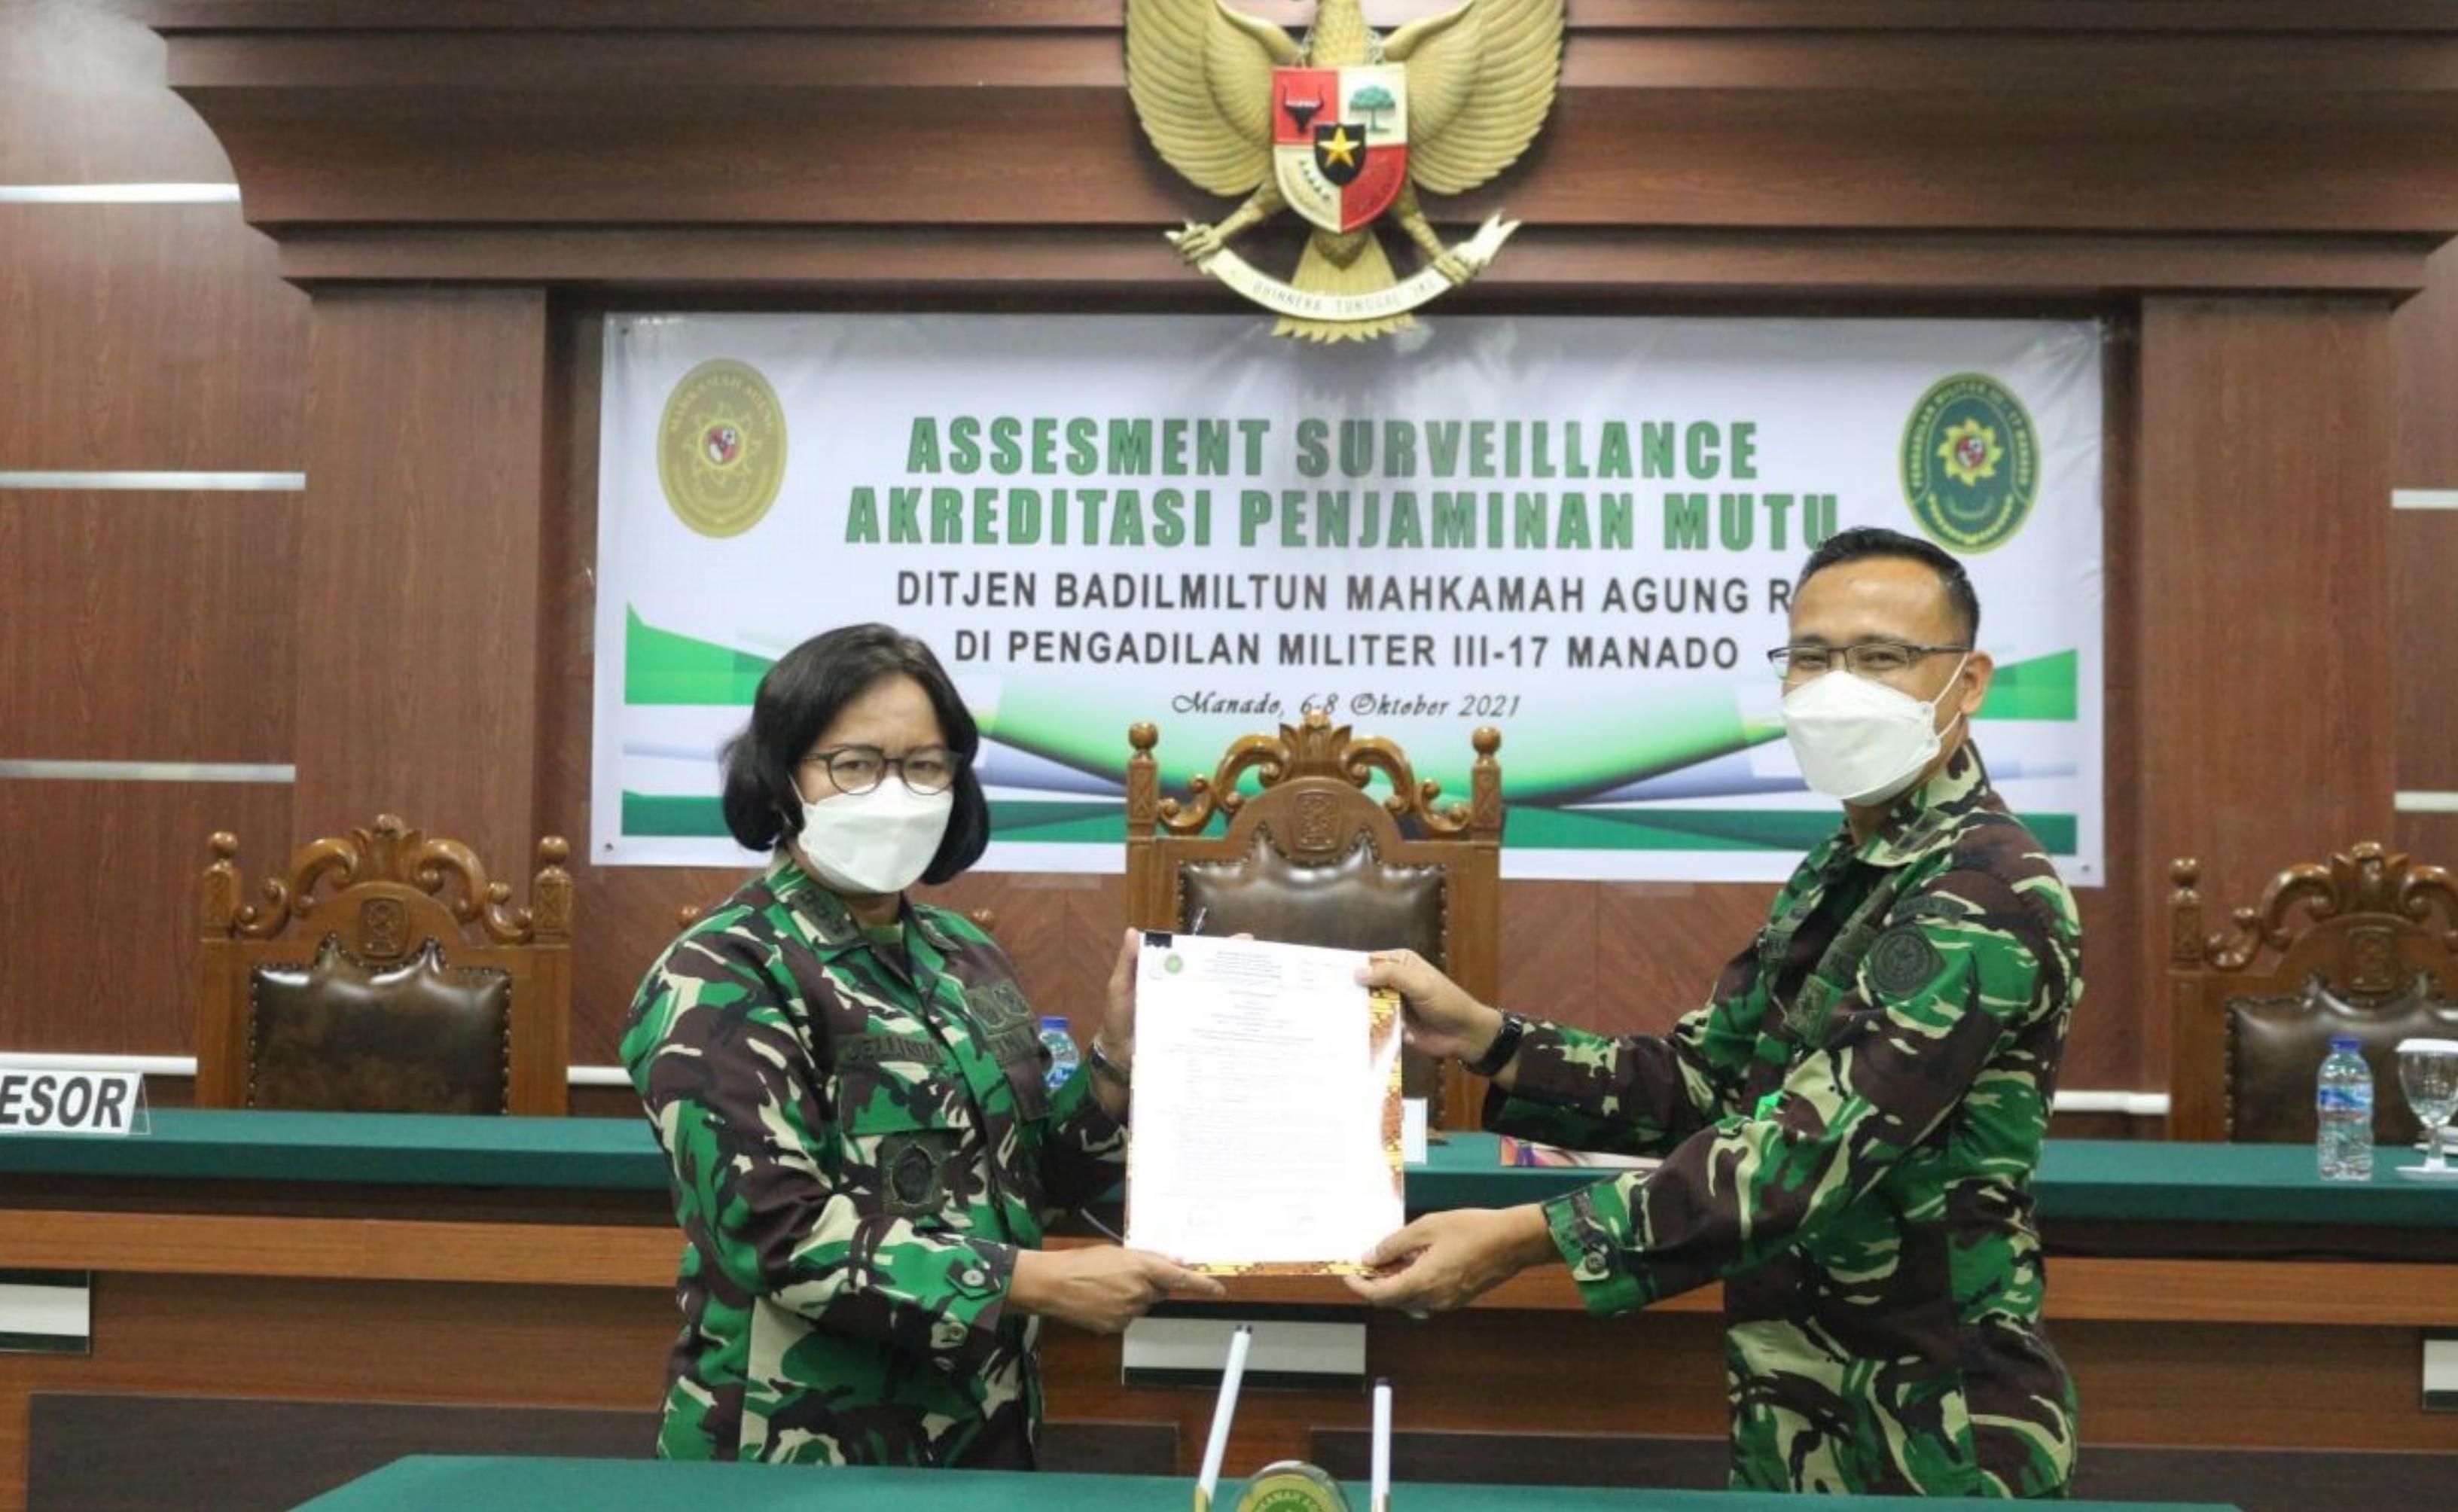 Assesment Surveillance Akreditasi Penjamin Mutu Di Pengadilan Militer III-17 Manado Oleh Ditjen Badilmiltun MARI TA 2021